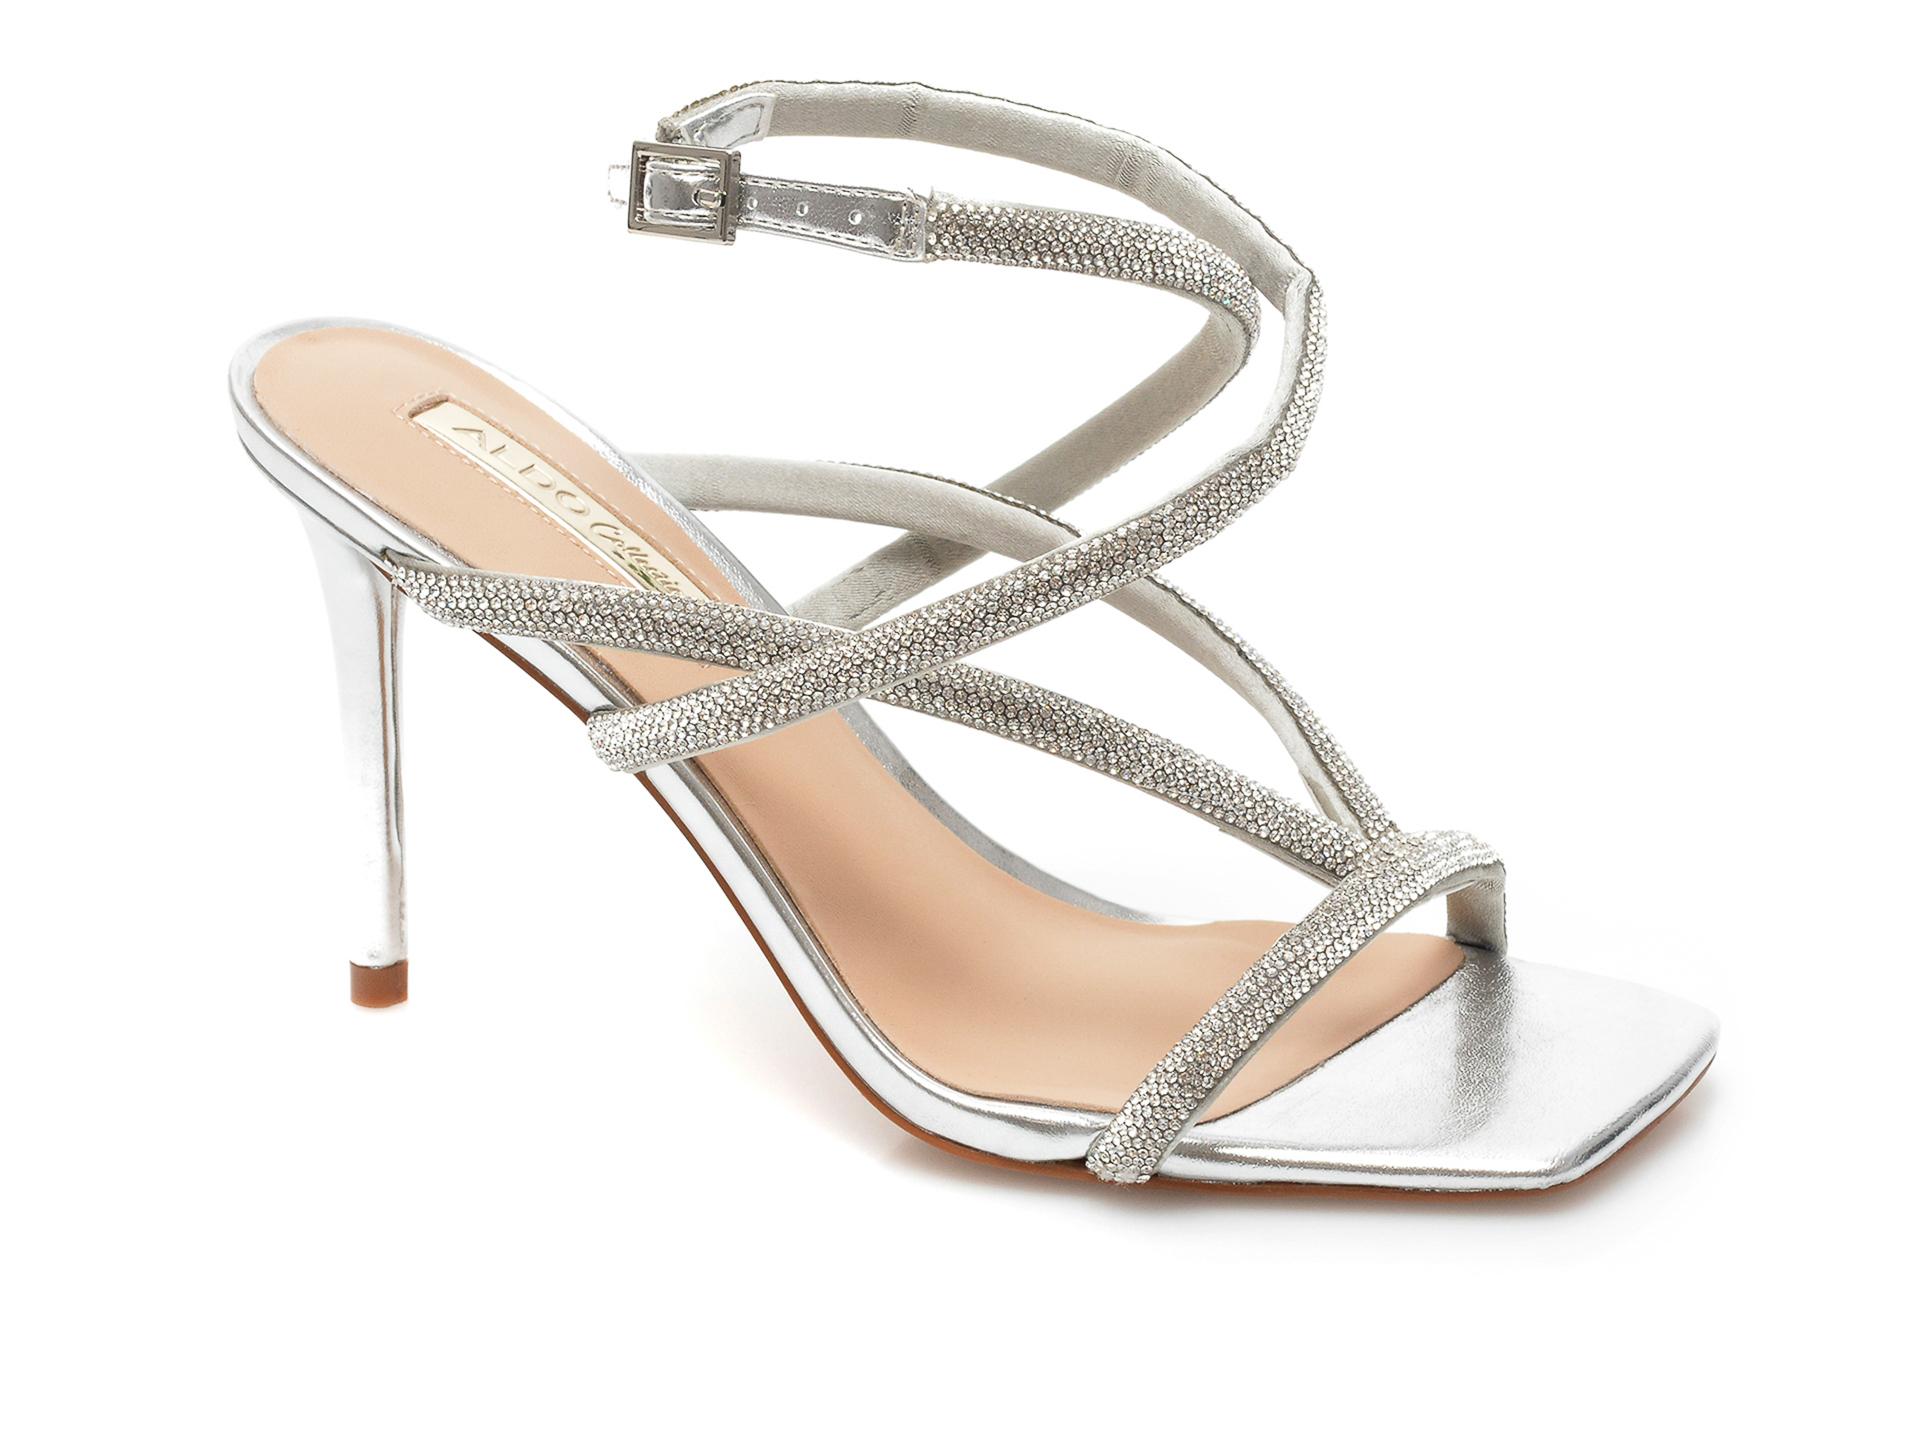 Sandale ALDO argintii, Onga040, din material textil imagine otter.ro 2021